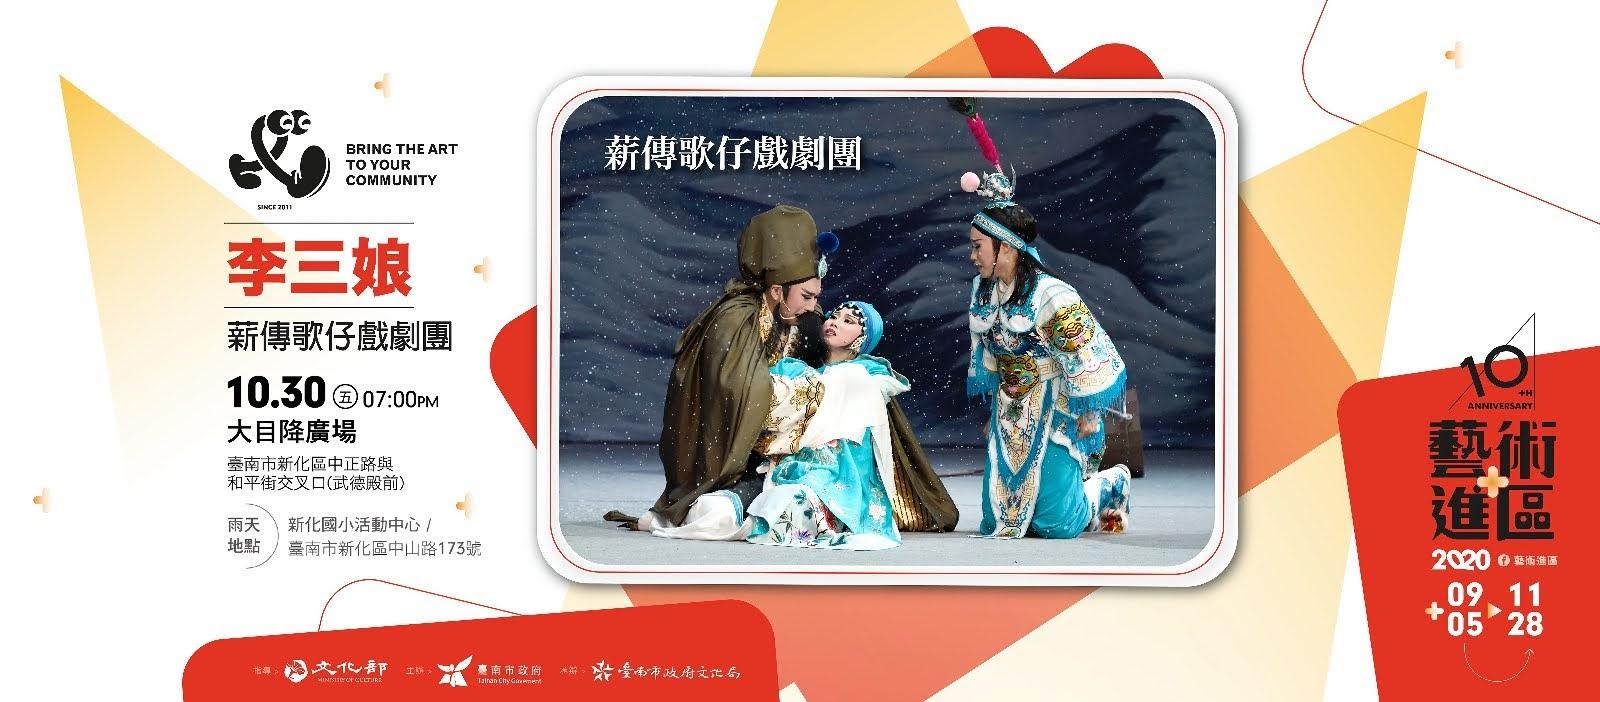 2020藝術進區|橫跨台南20區|17個國內知名表演團隊|進行20場戶外大型演出|活動